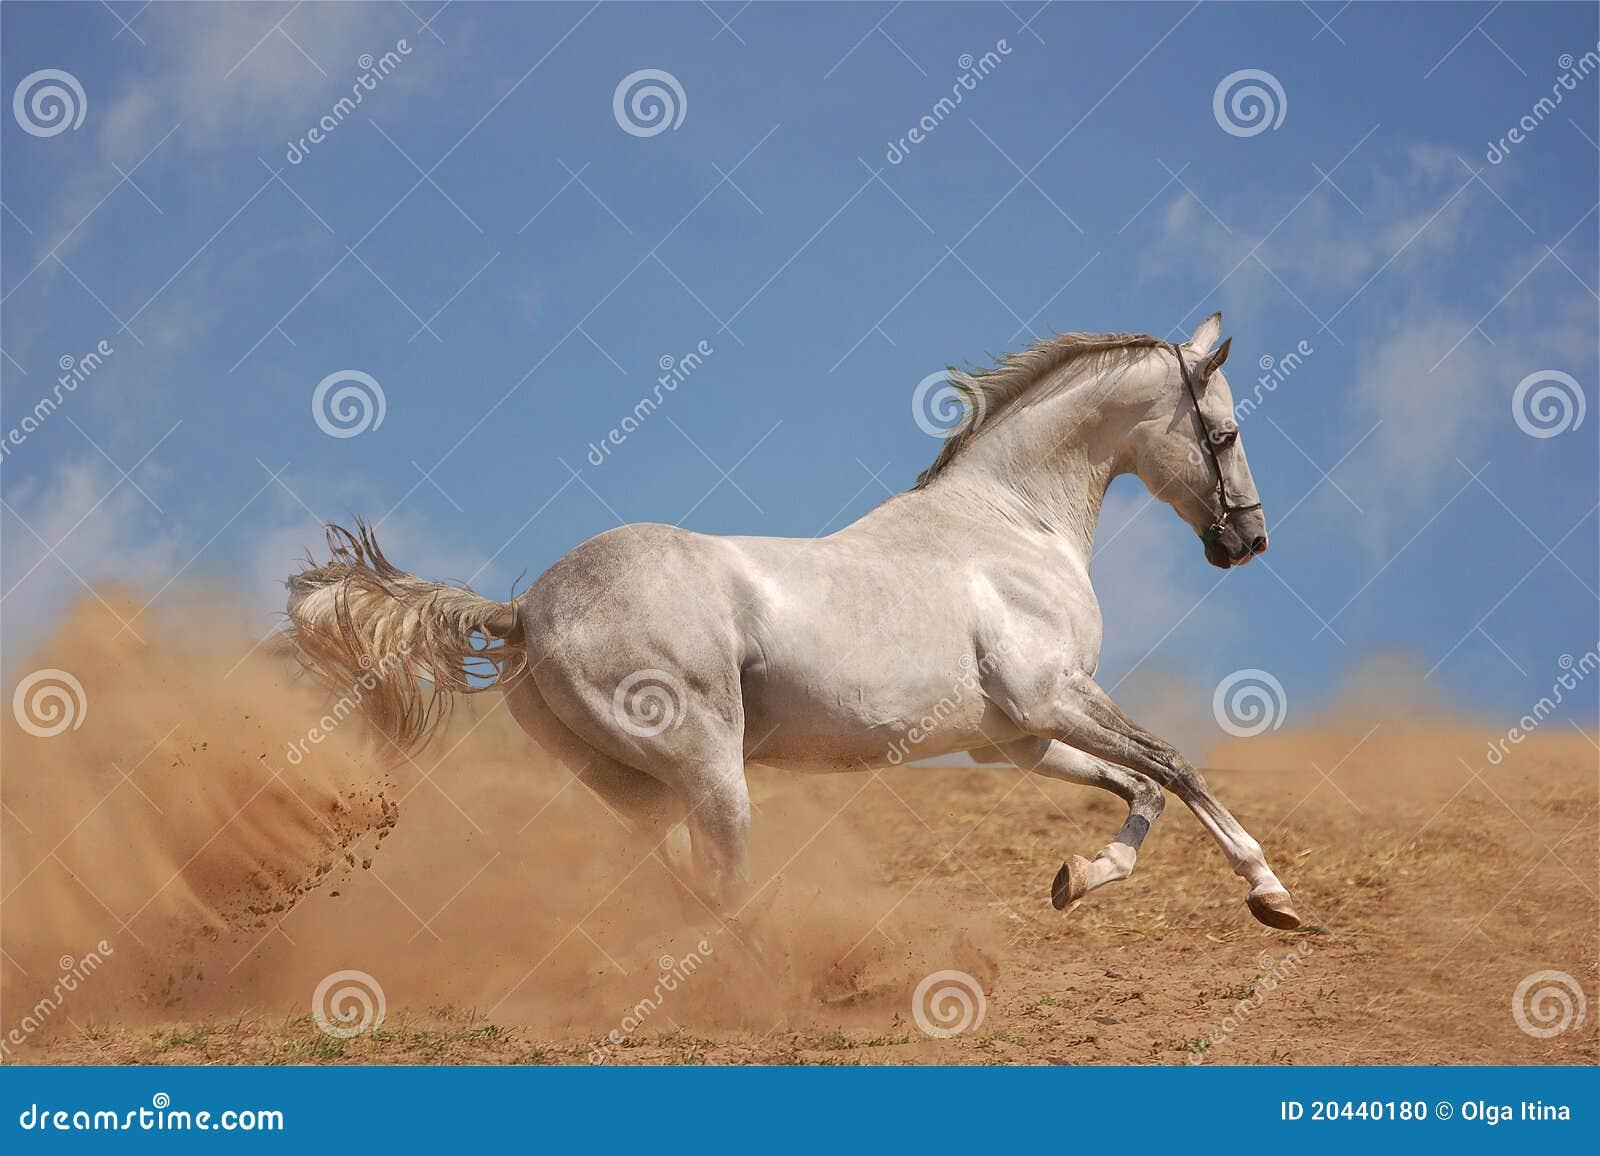 Silver grey akhal-teke horse